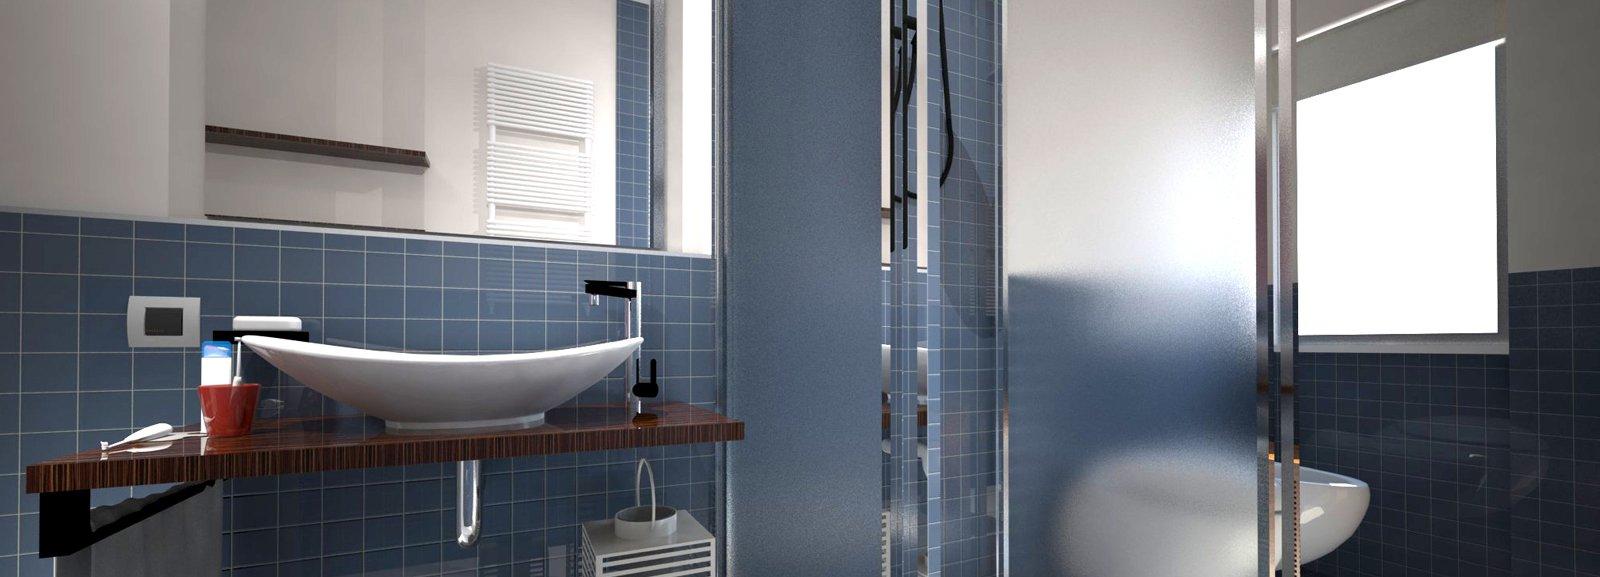 Dove metto la doccia nel bagno lungo e stretto cose di casa - Soluzioni doccia finestra ...